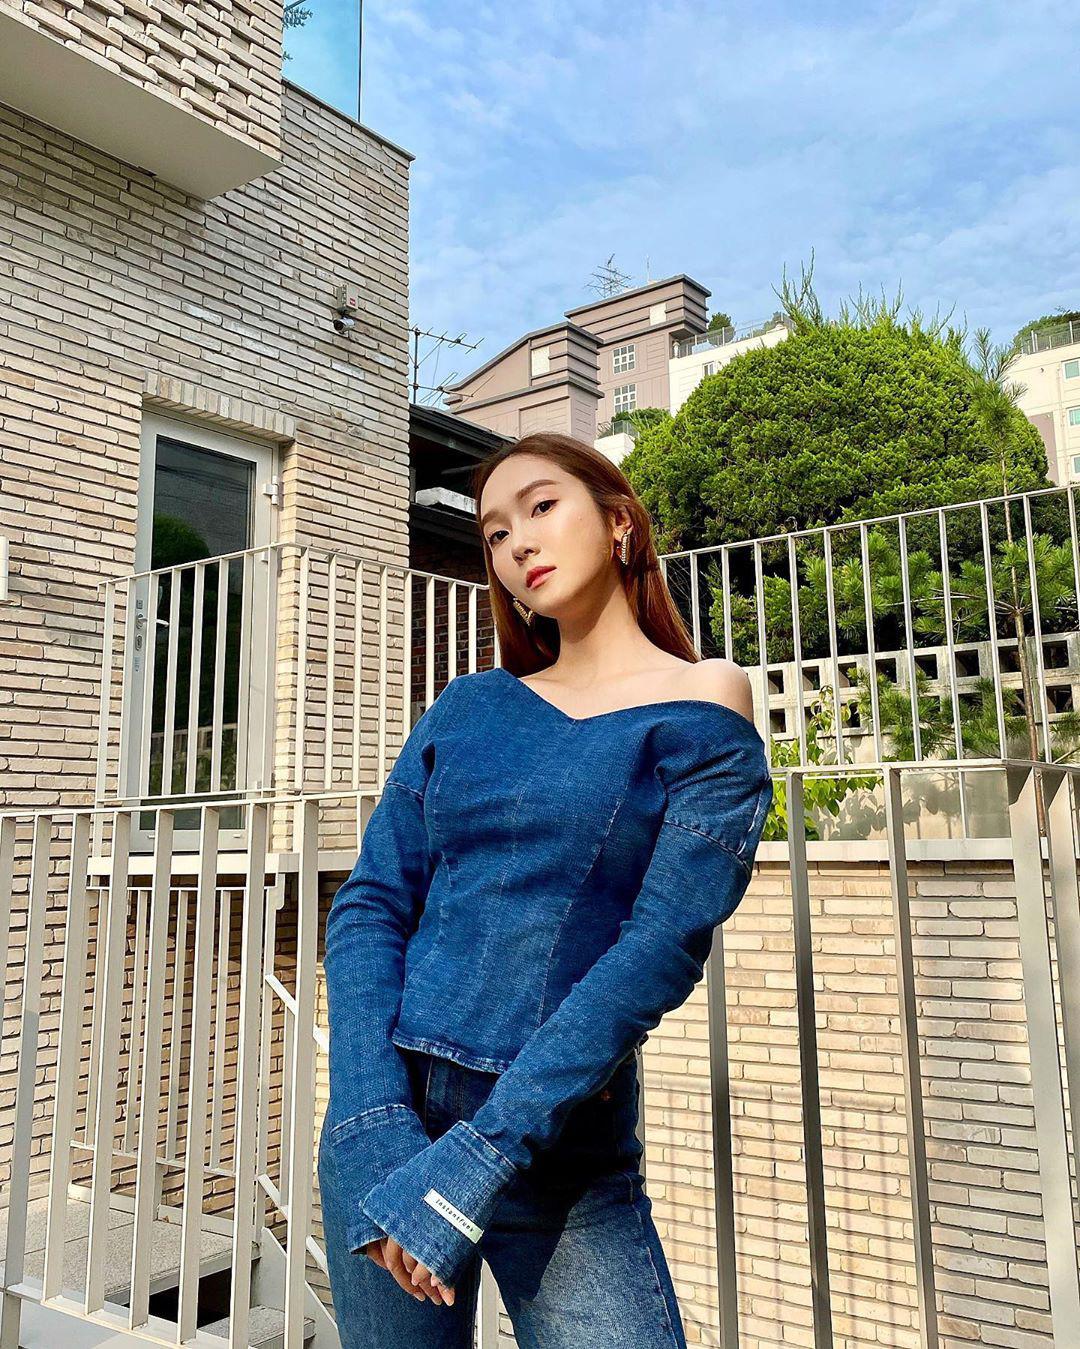 Idol Hàn có tuyệt chiêu kéo lệch áo lả lơi siêu sexy mà vẫn sang chảnh - Ảnh 7.